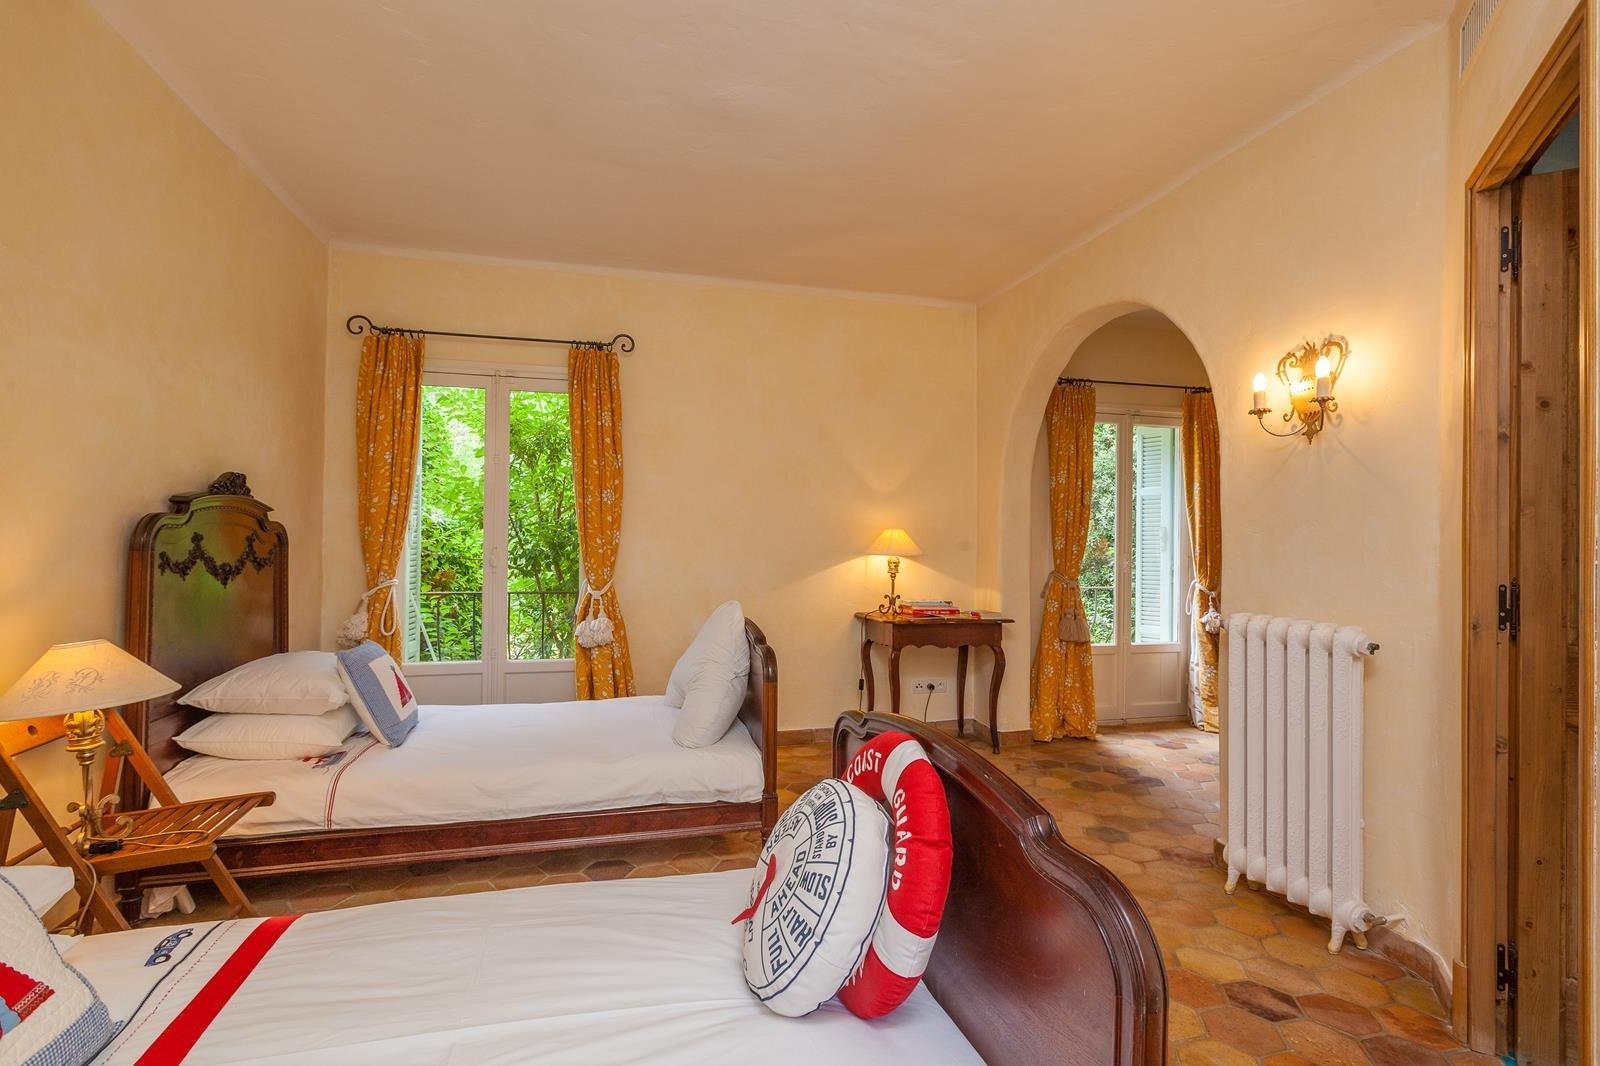 Verkauf Haus - Roquefort-les-Pins - Frankreich